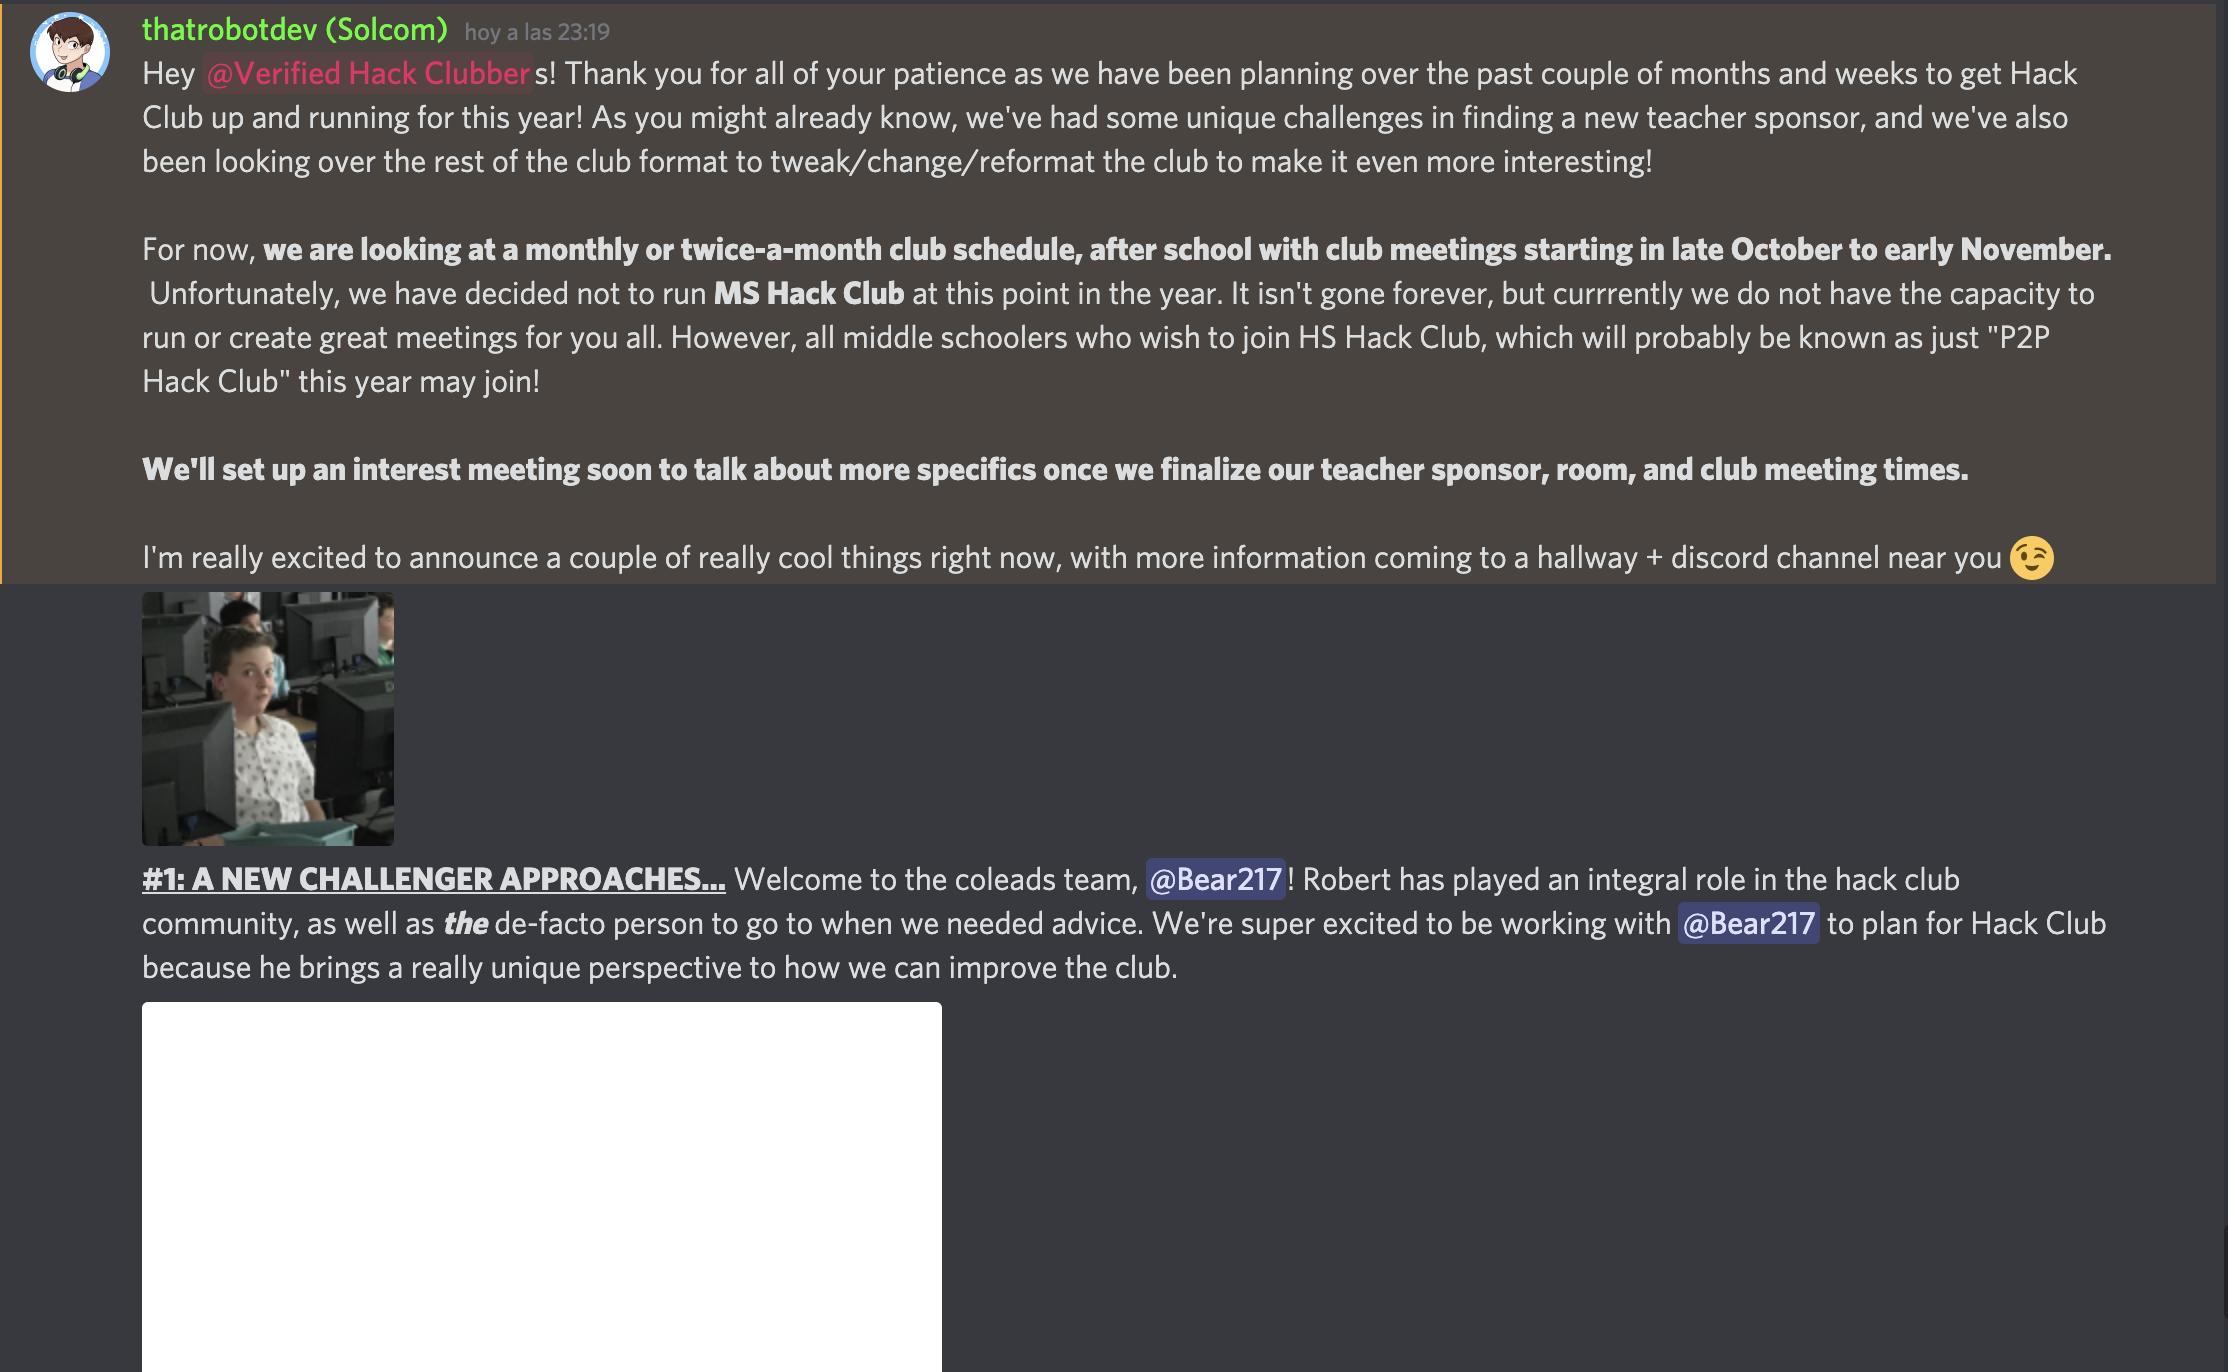 https://cloud-2u78rofjt-hack-club-bot.vercel.app/0captura_de_pantalla_2021-09-30_a_la_s__11.38.17_p.__m..png